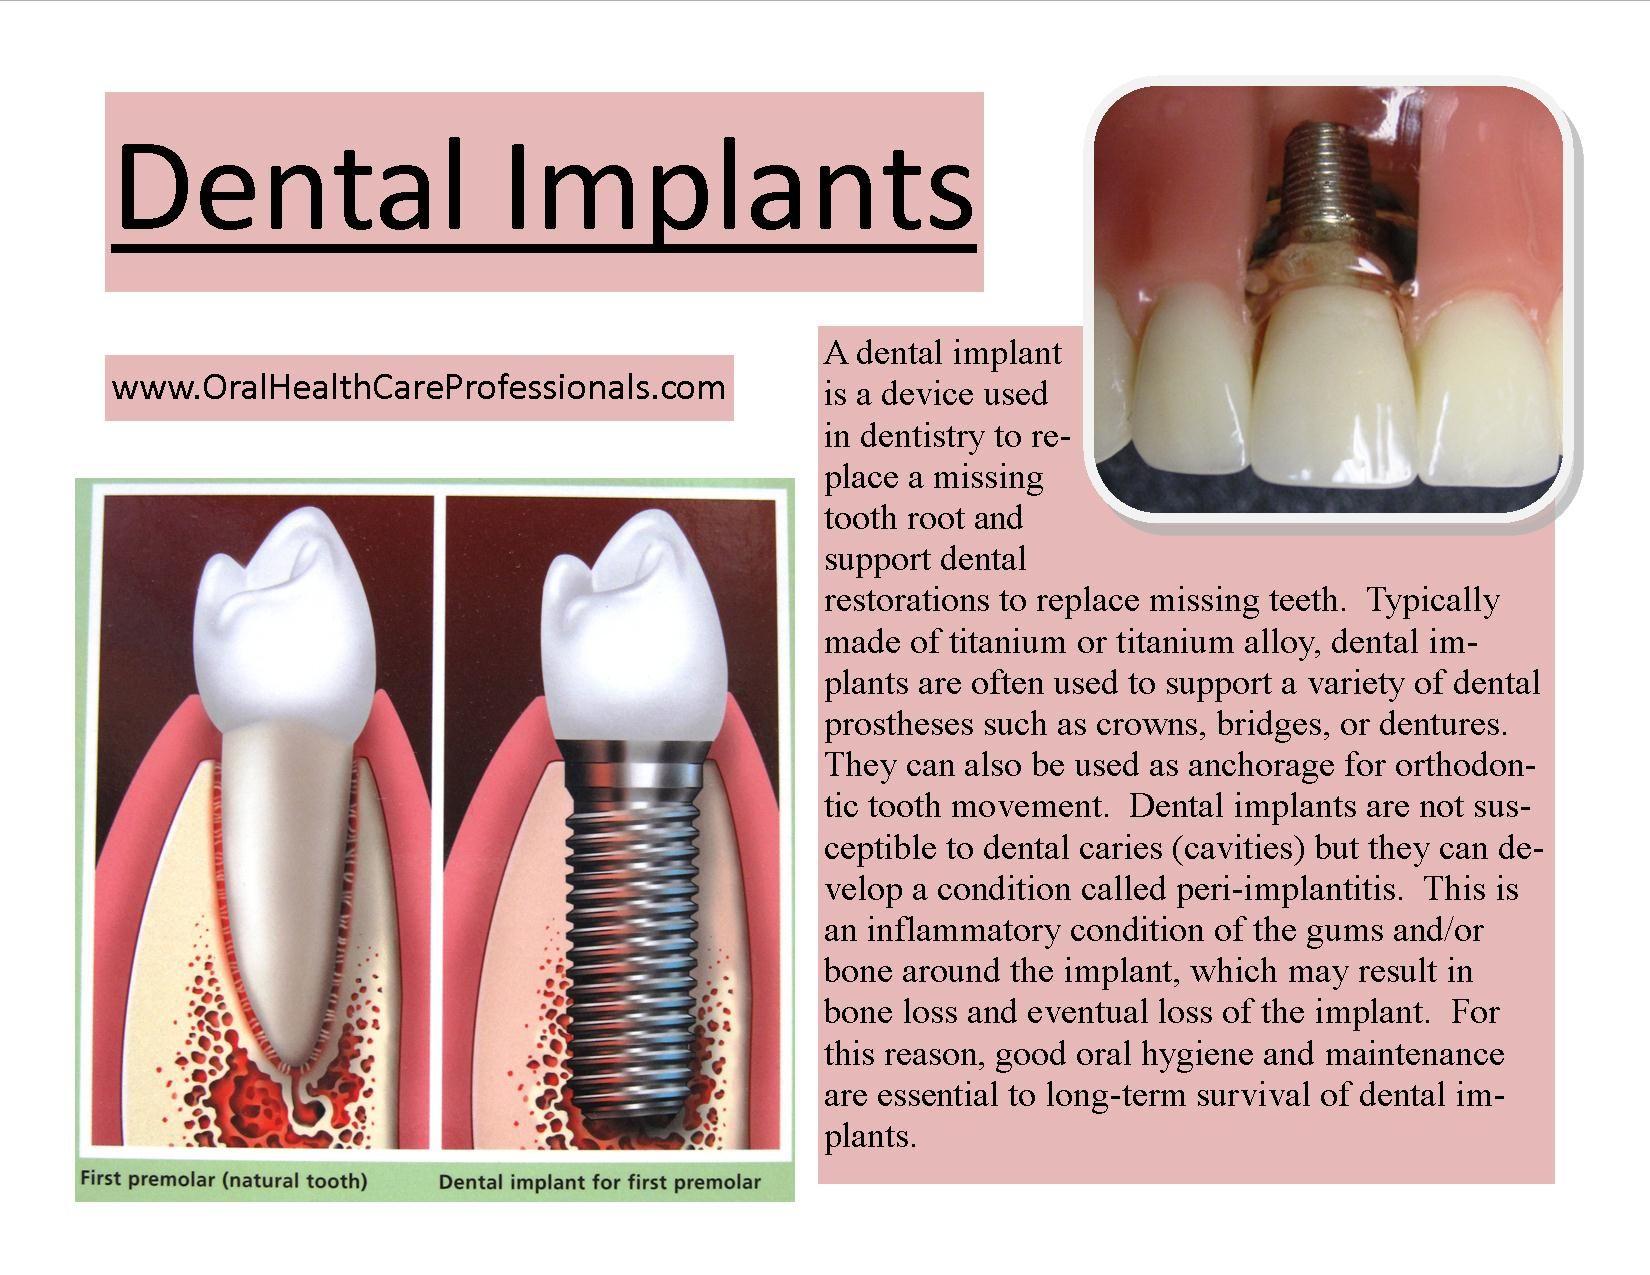 IMPLANTES DENTALES - Un implante dental es un dispositivo utilizado ...